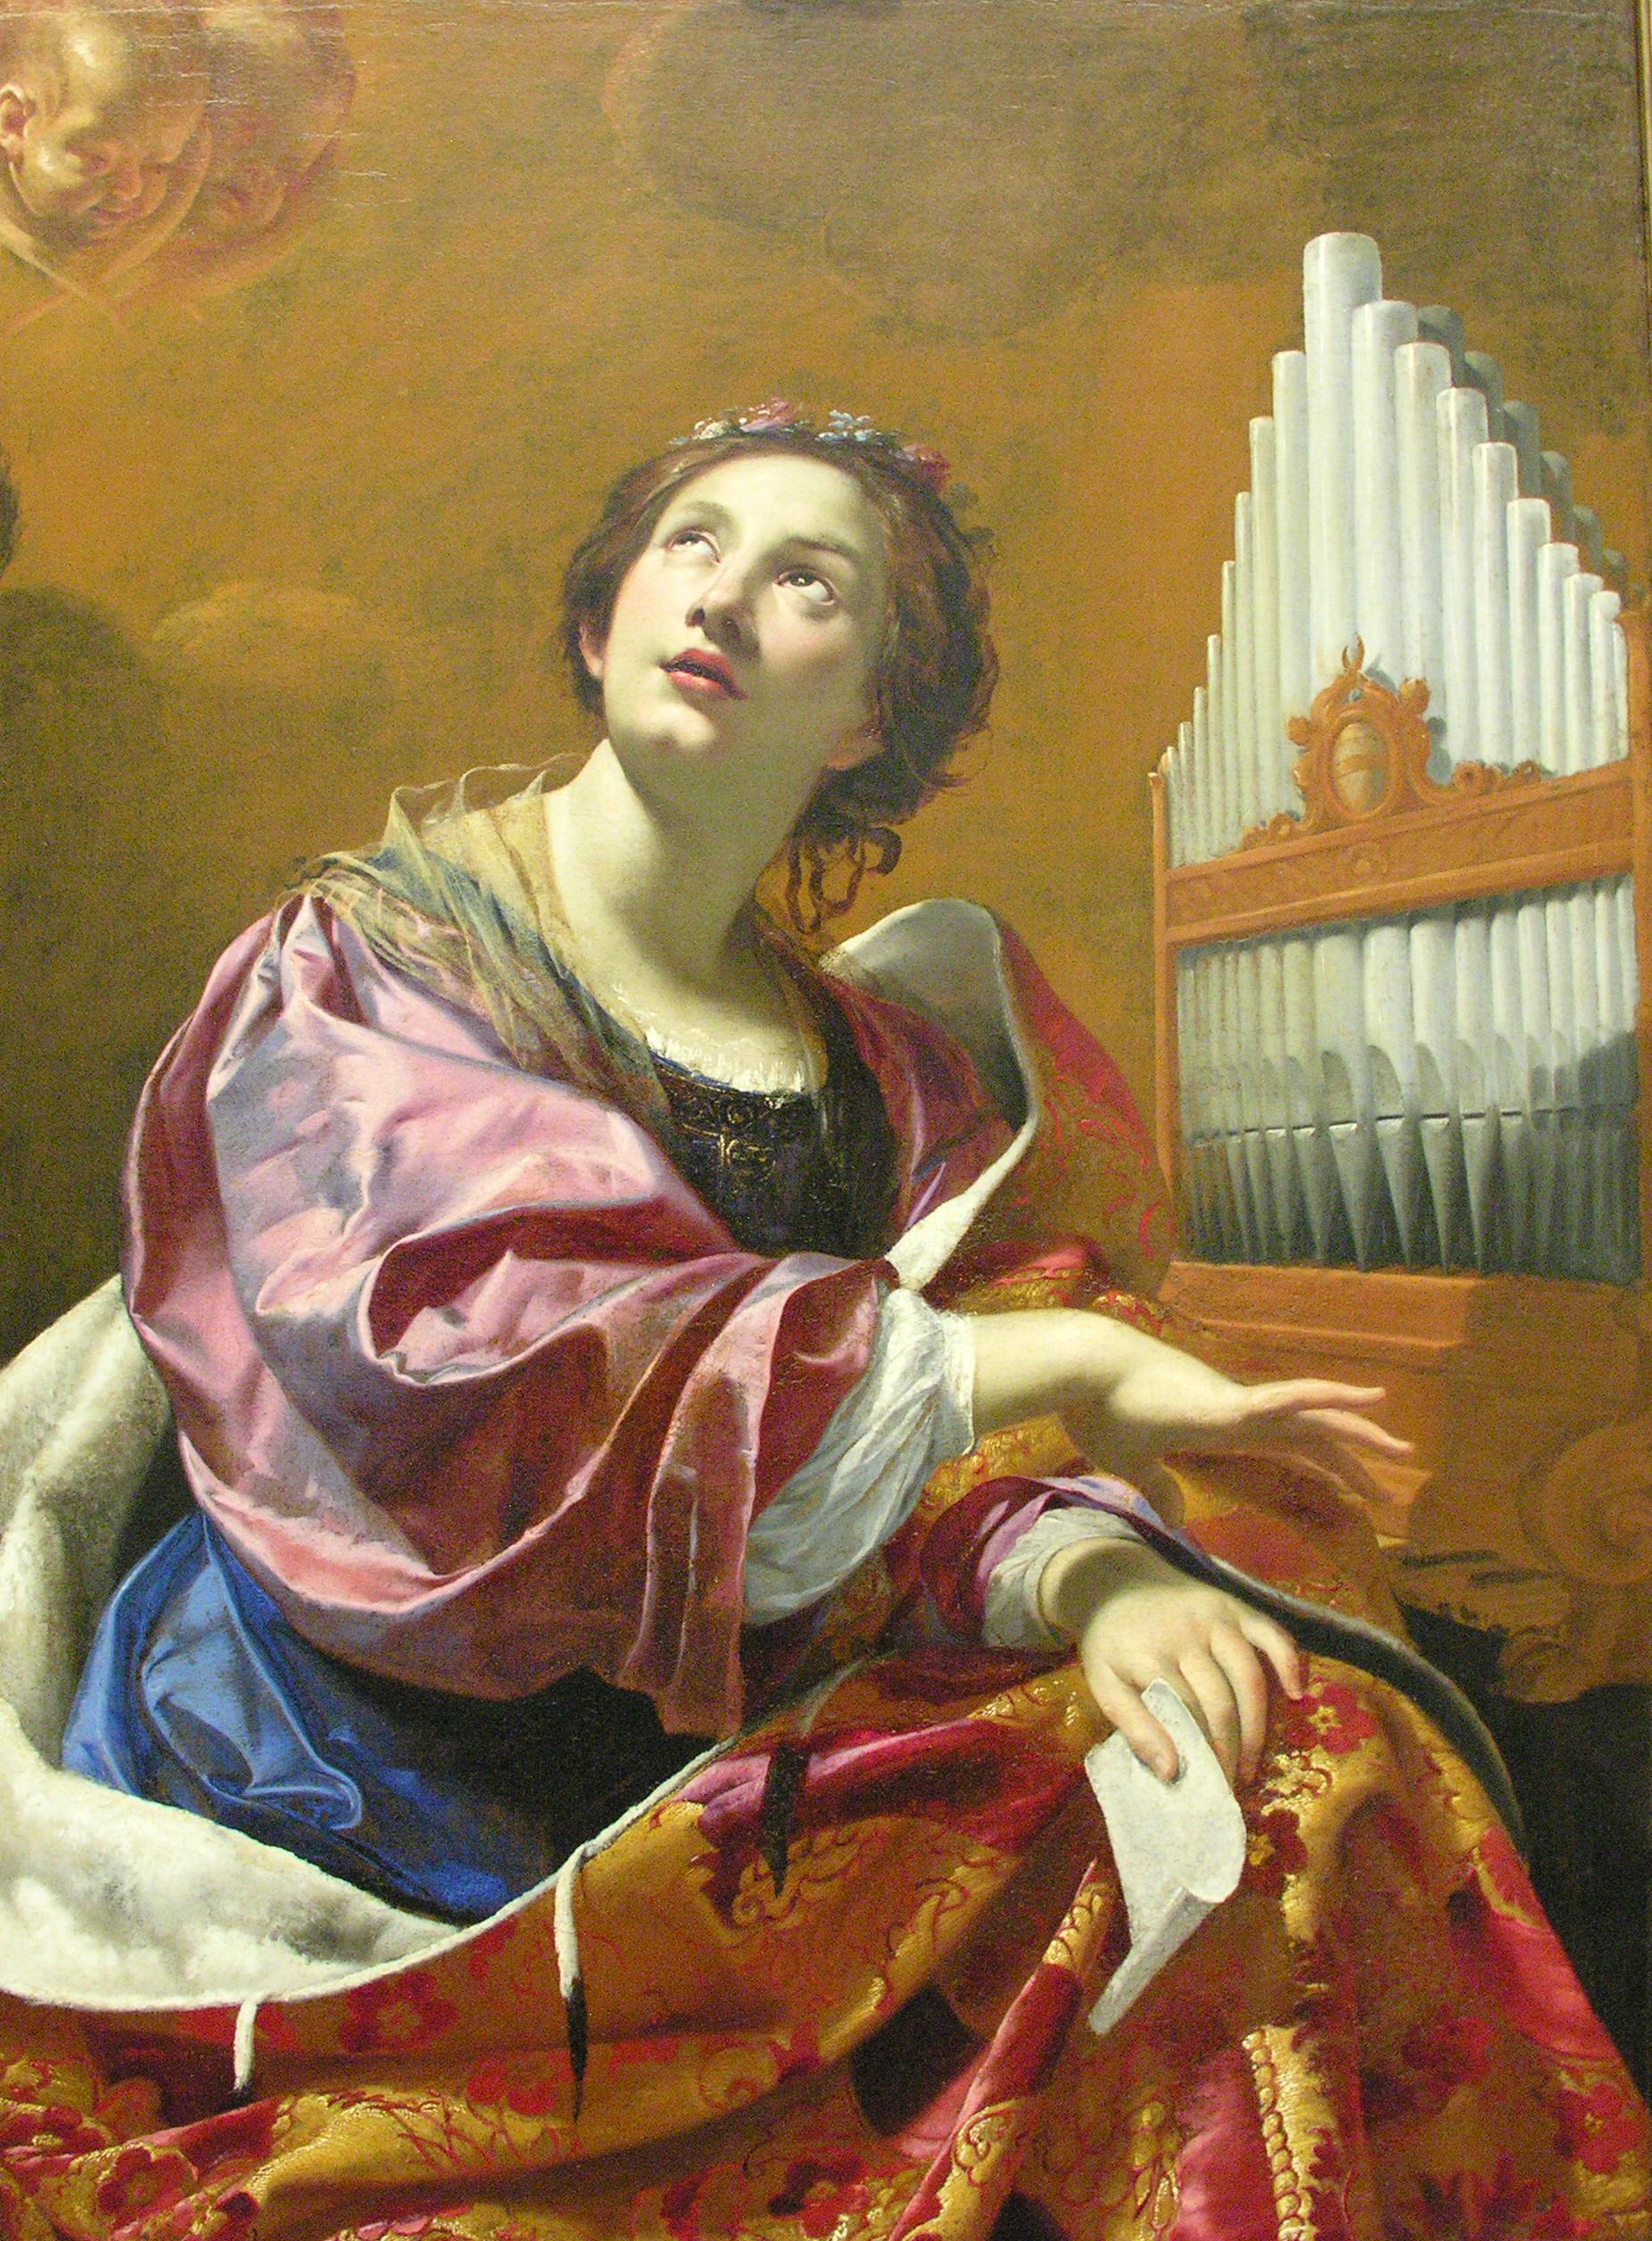 File:Vouet, Simon - Saint Cecilia - c. 1626.jpg ...